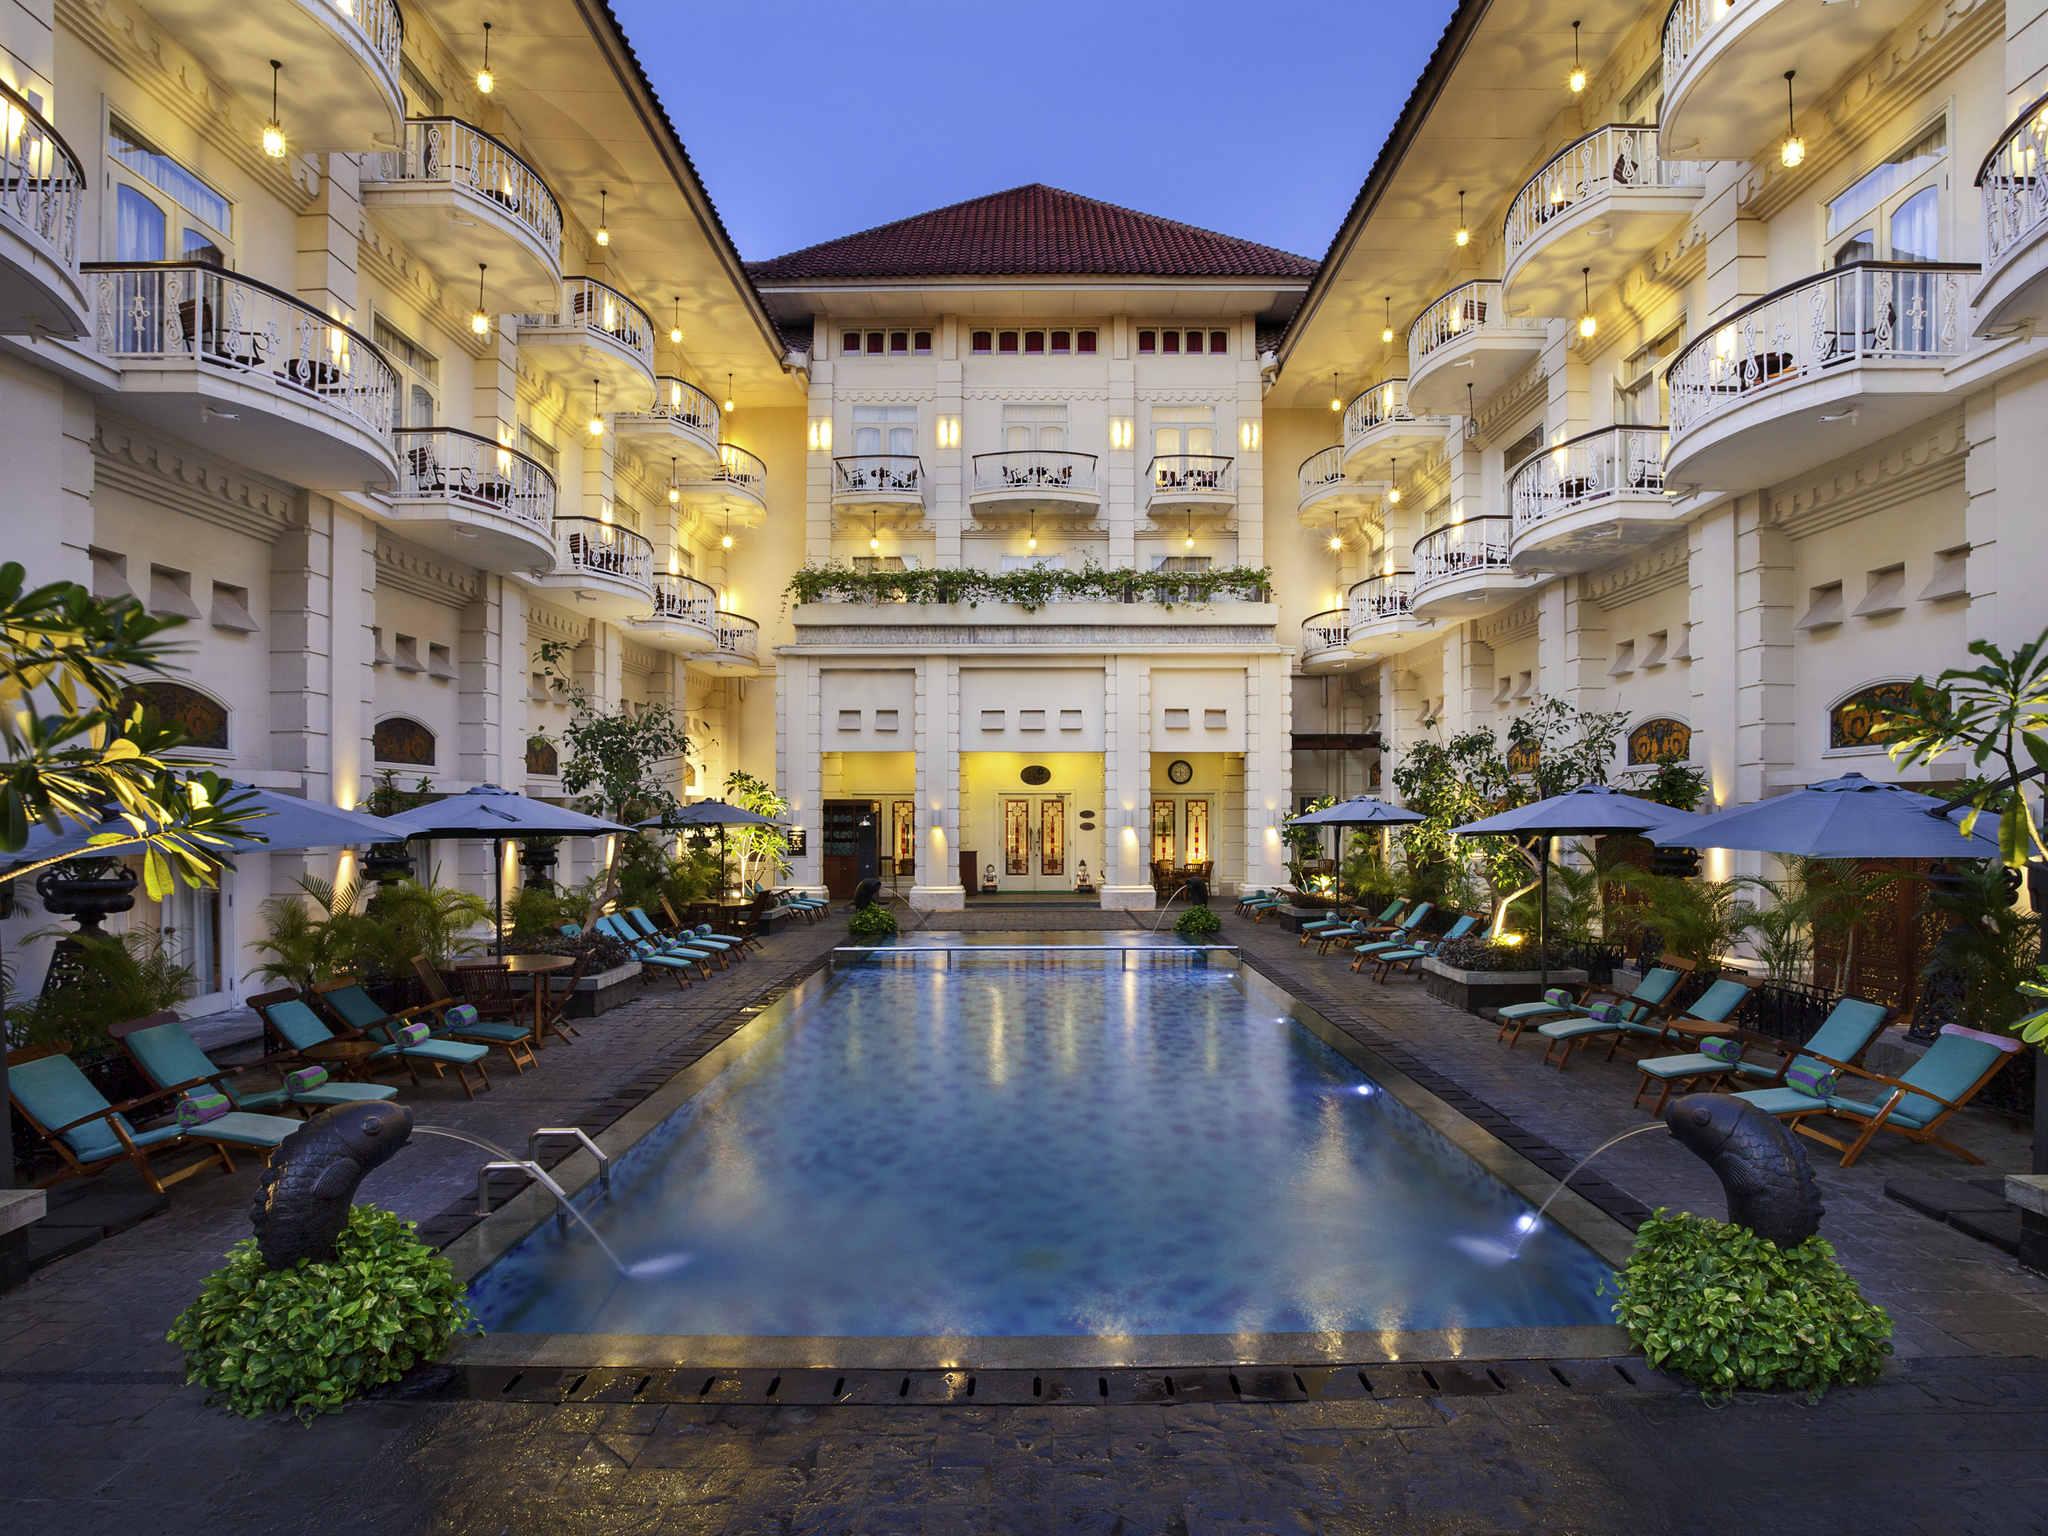 ホテル – フェニックス ホテル ジョグジャカルタ Mギャラリー by ソフィテル